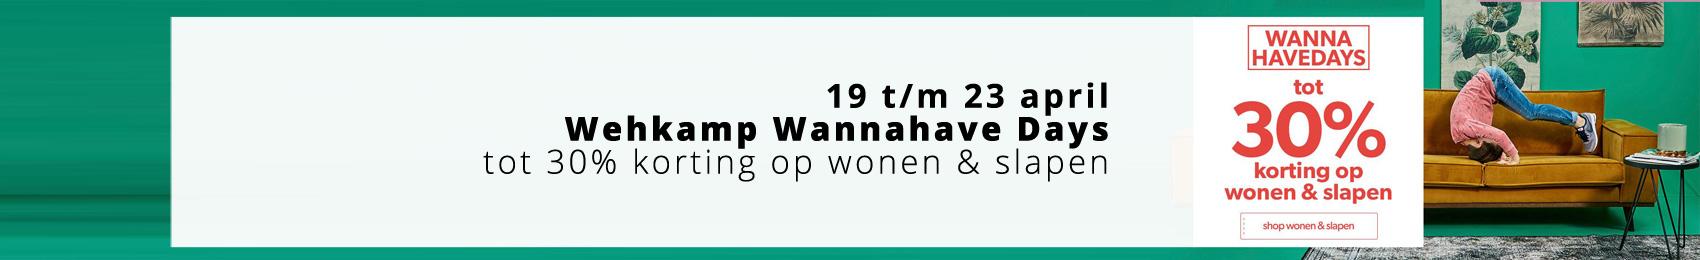 Wehkamp Wannahave Days - tot 30% korting op heel veel wonen & slapen